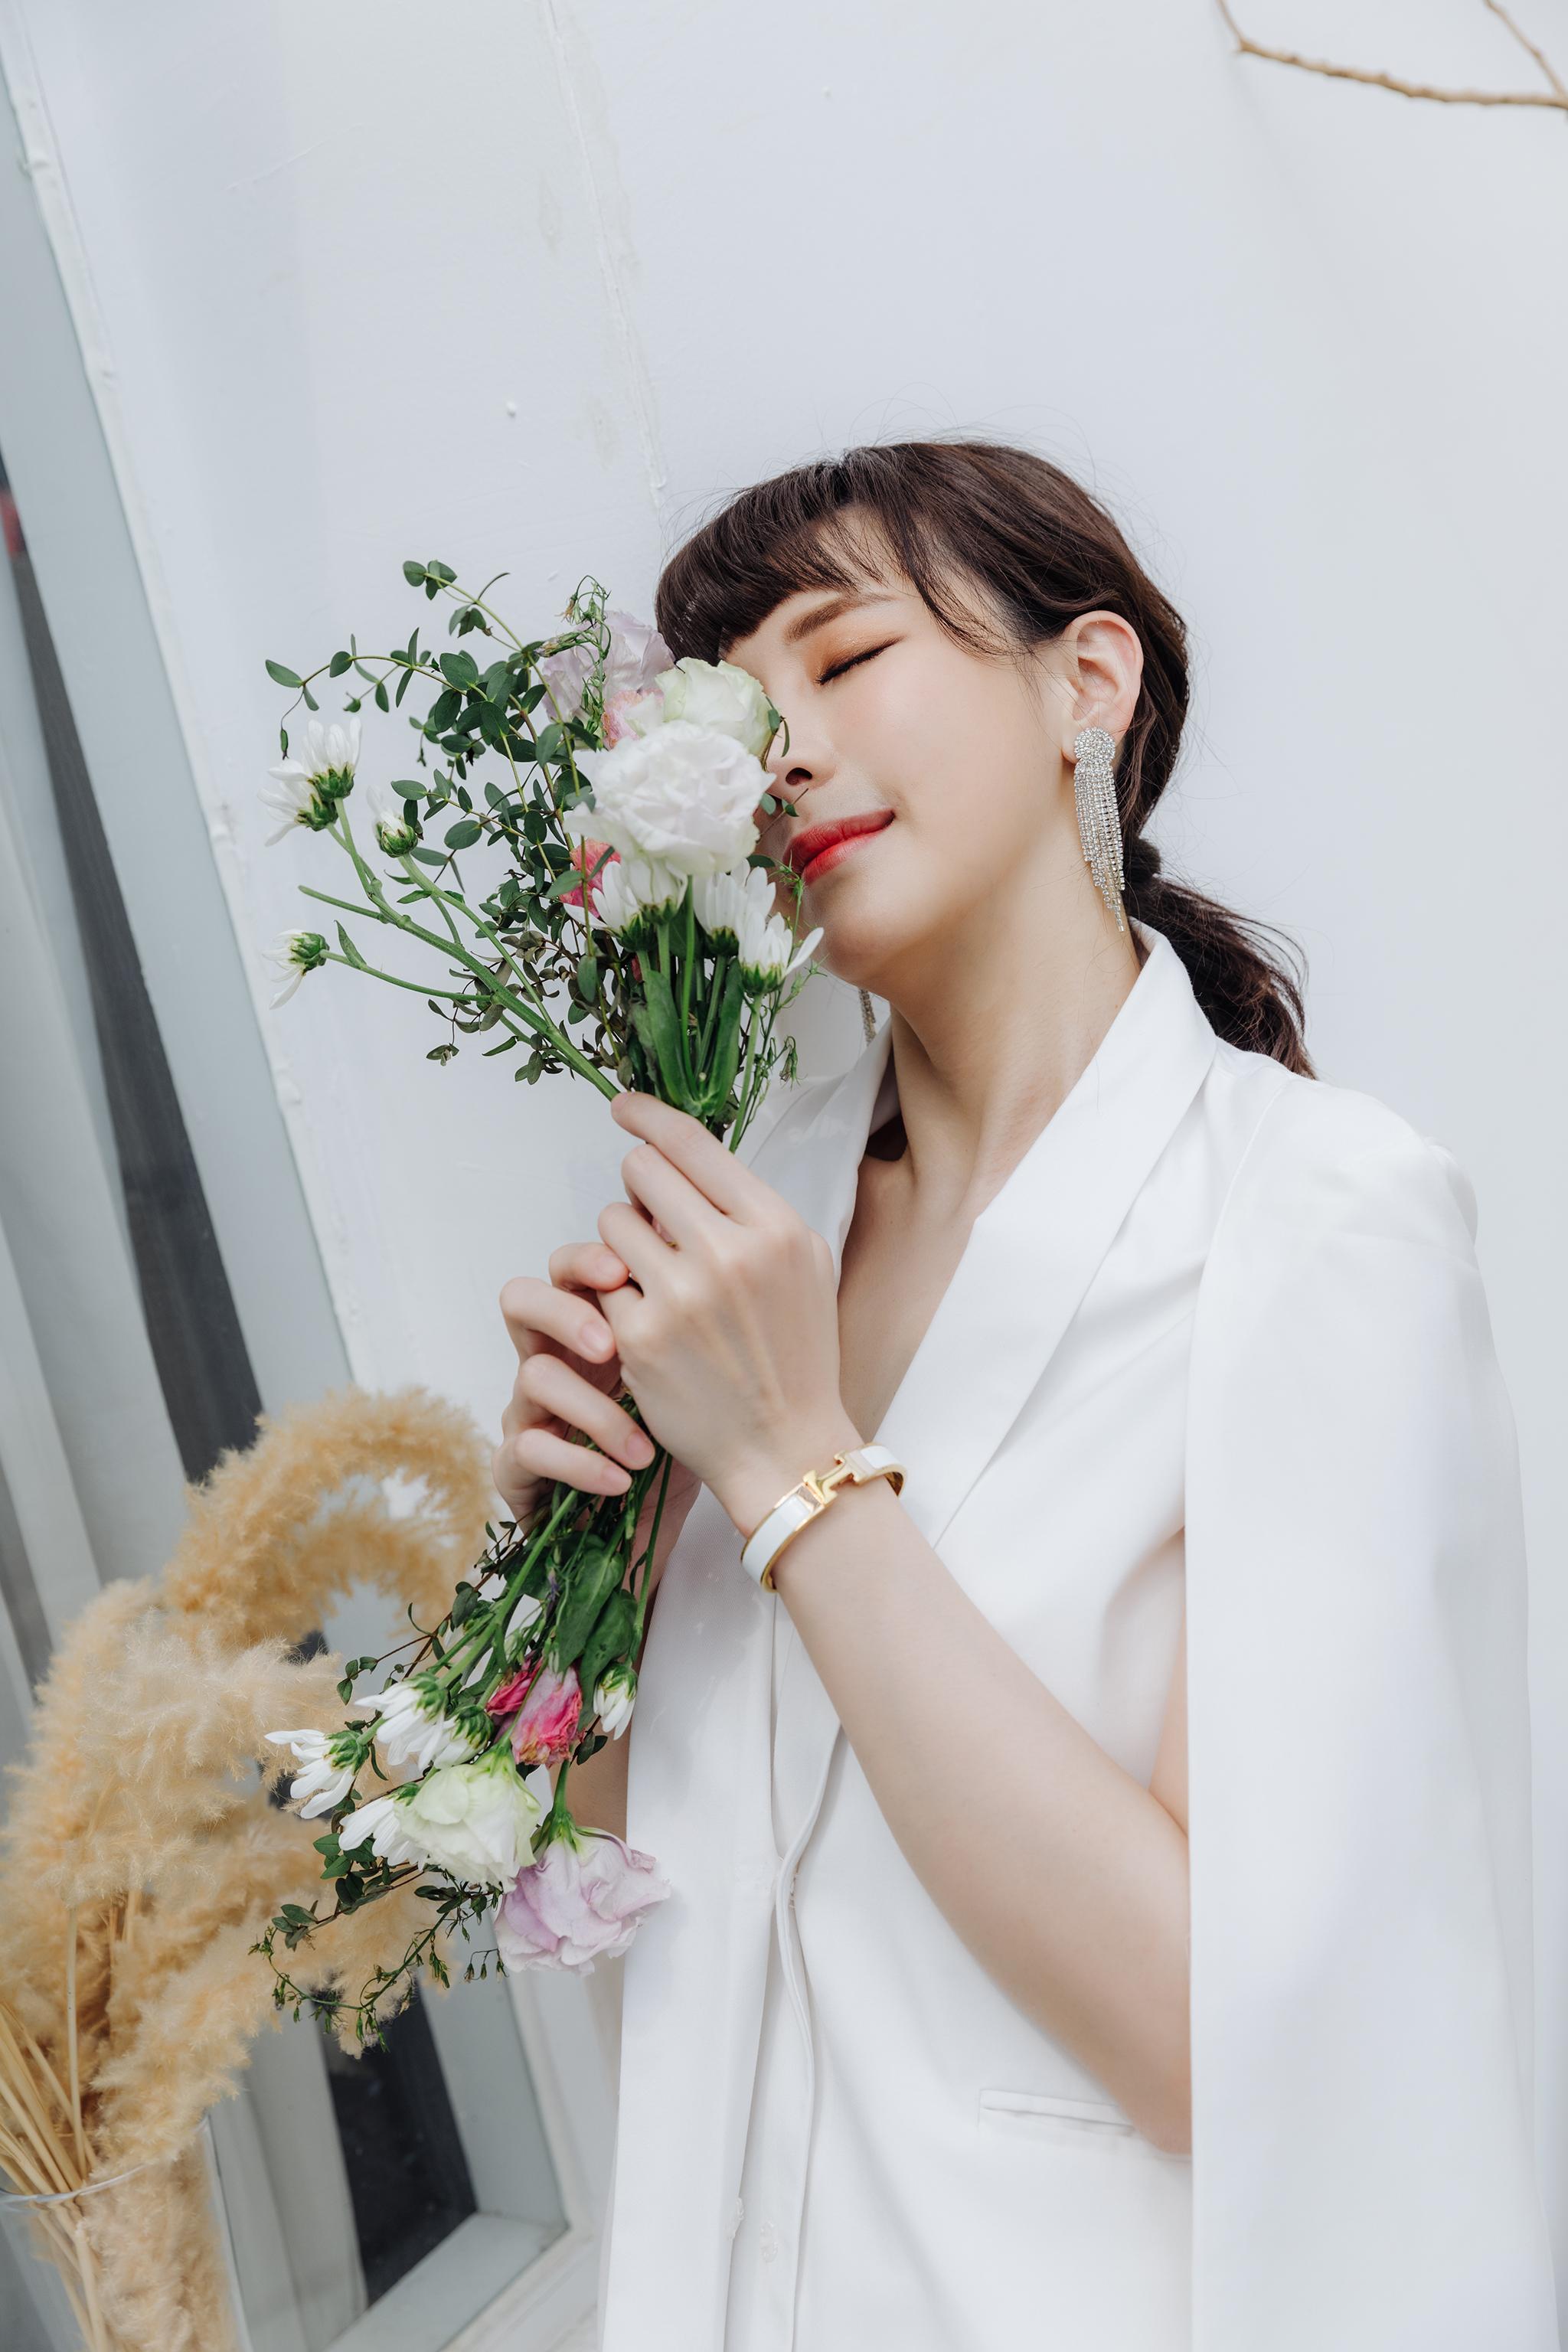 49883213751 f11d320129 o - 【自主婚紗】+潤潤+